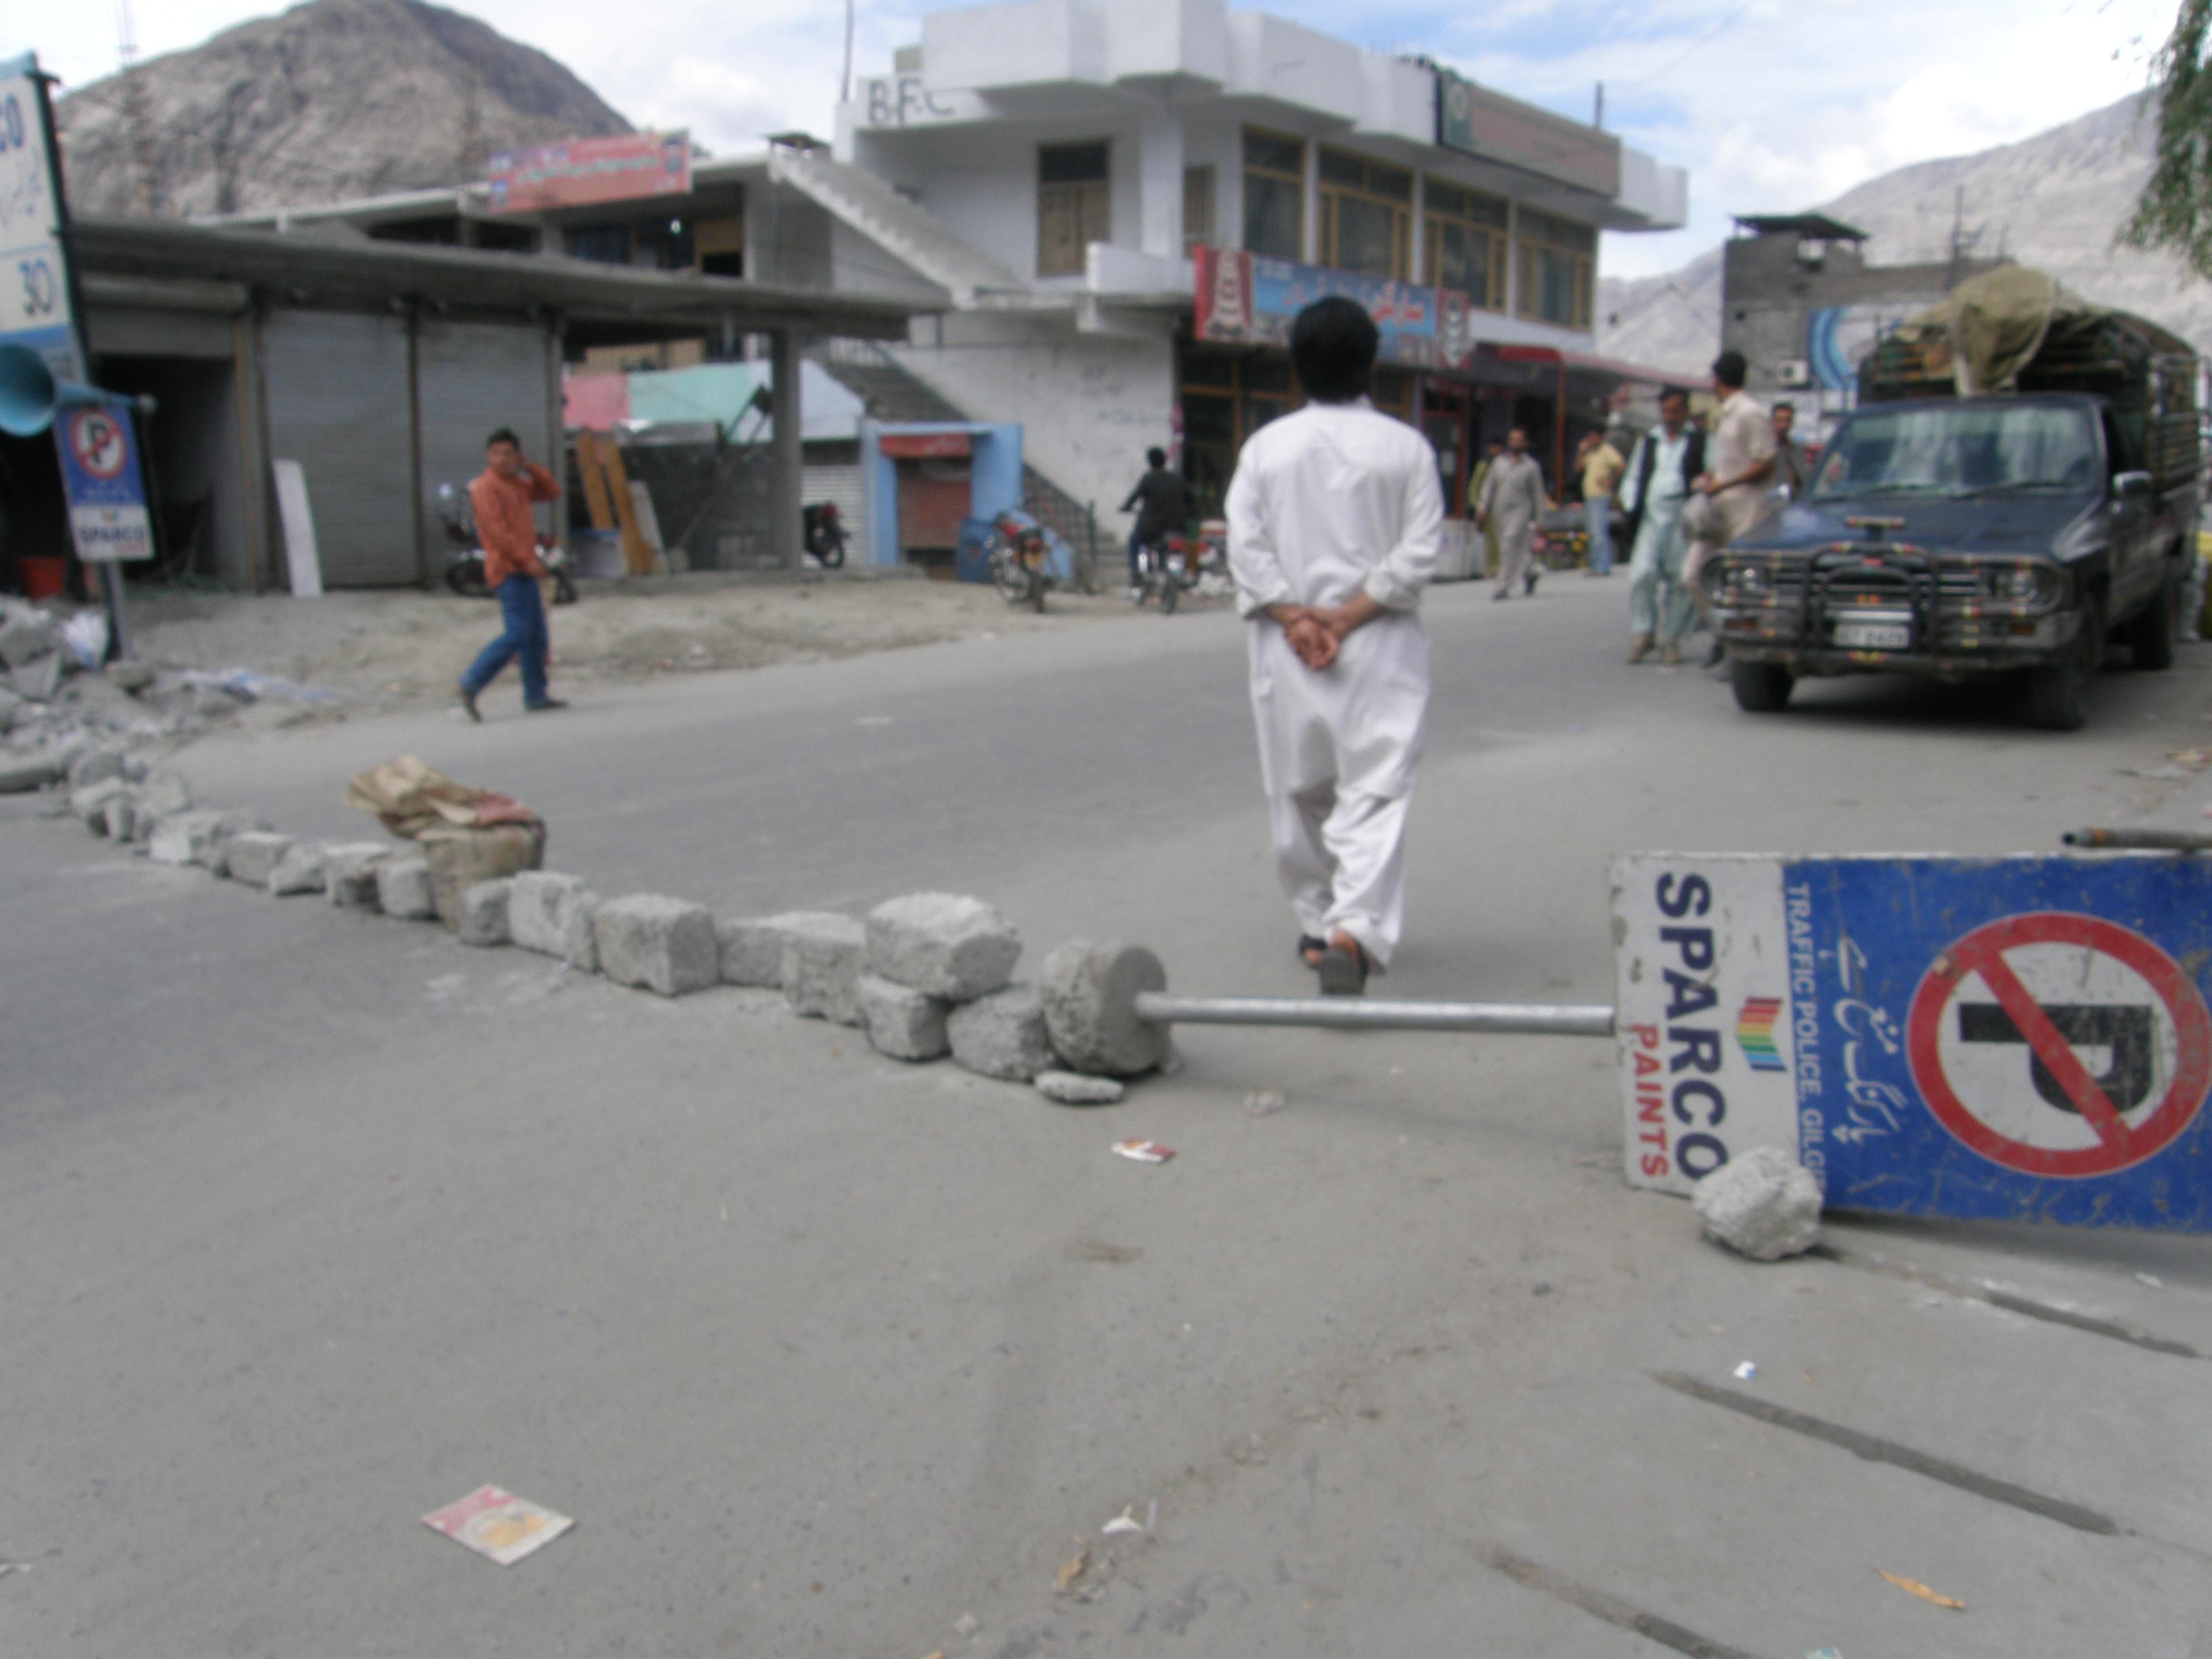 اسلام آباد میں مظاہرین پر تشدد کے خلاف گلگت میں احتجاجی دھرنے